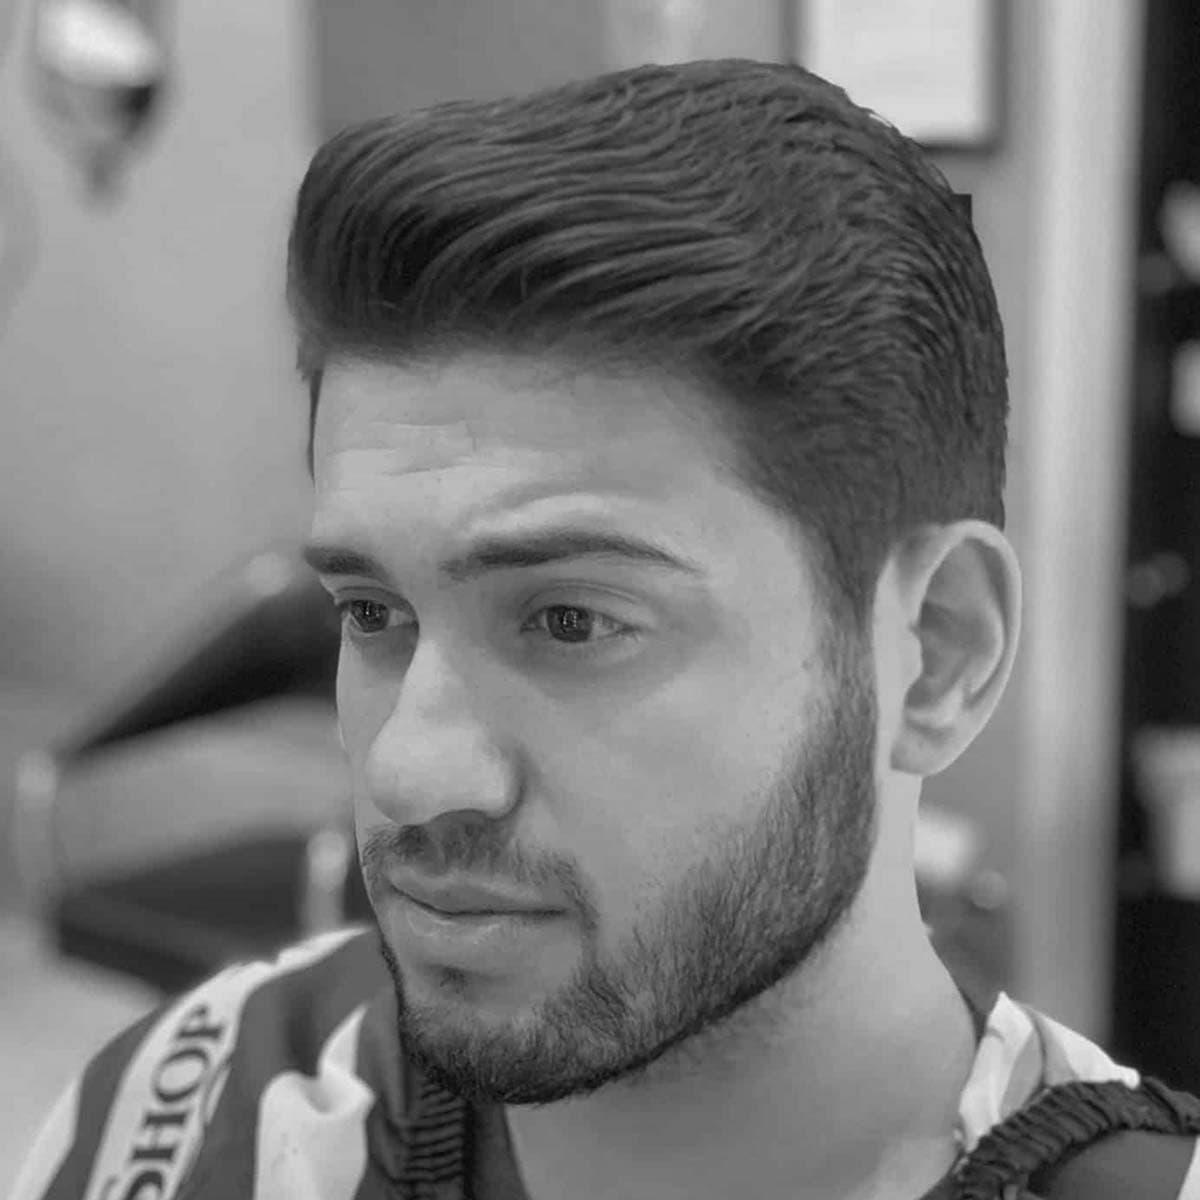 Corte con tijera para hombres en la barbería YB New Style Barber Shop Madrid